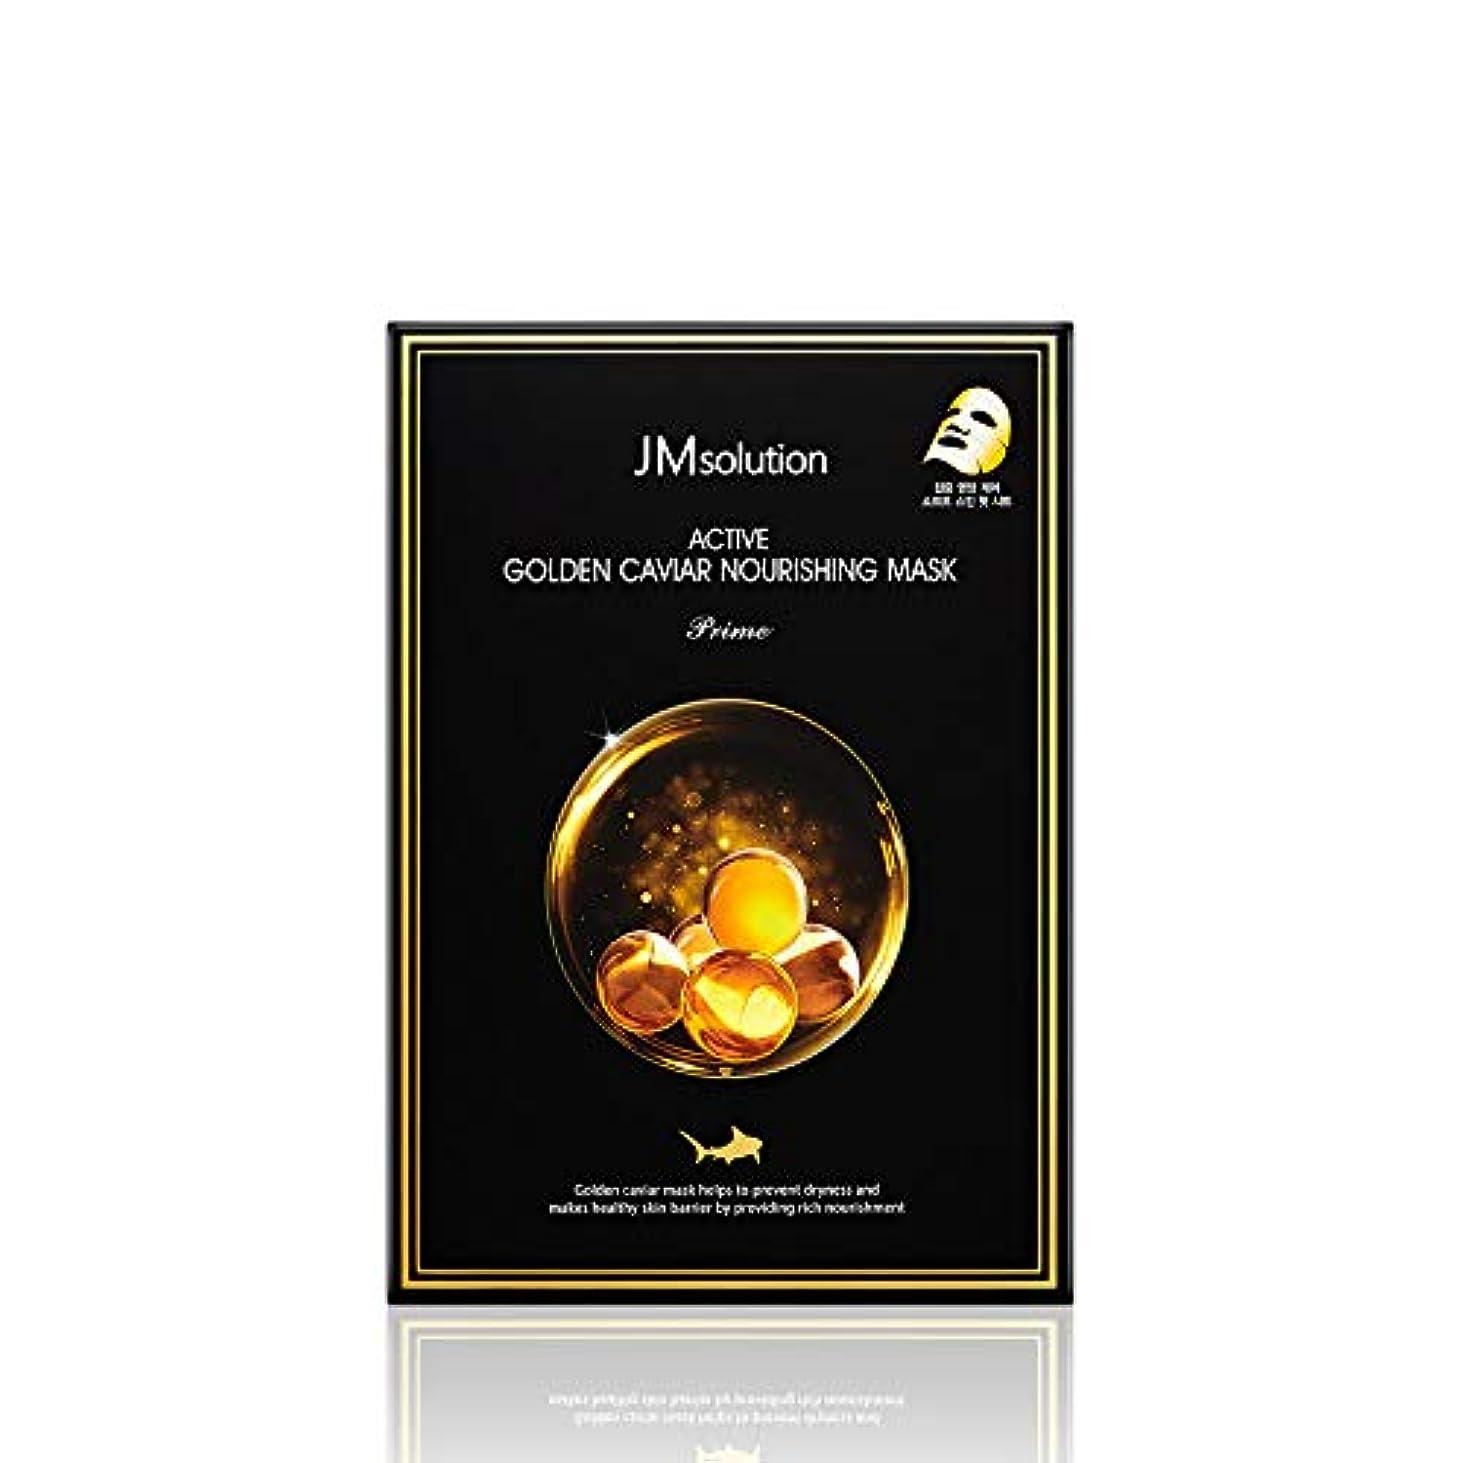 コメントレディ防止JMソリューション(JM Solution) 乾燥肌のためのアクティブゴールデンキャビア栄養マスクプライム 30mlx10P / Active Golden Caviar Nourishing Mask Prime For...